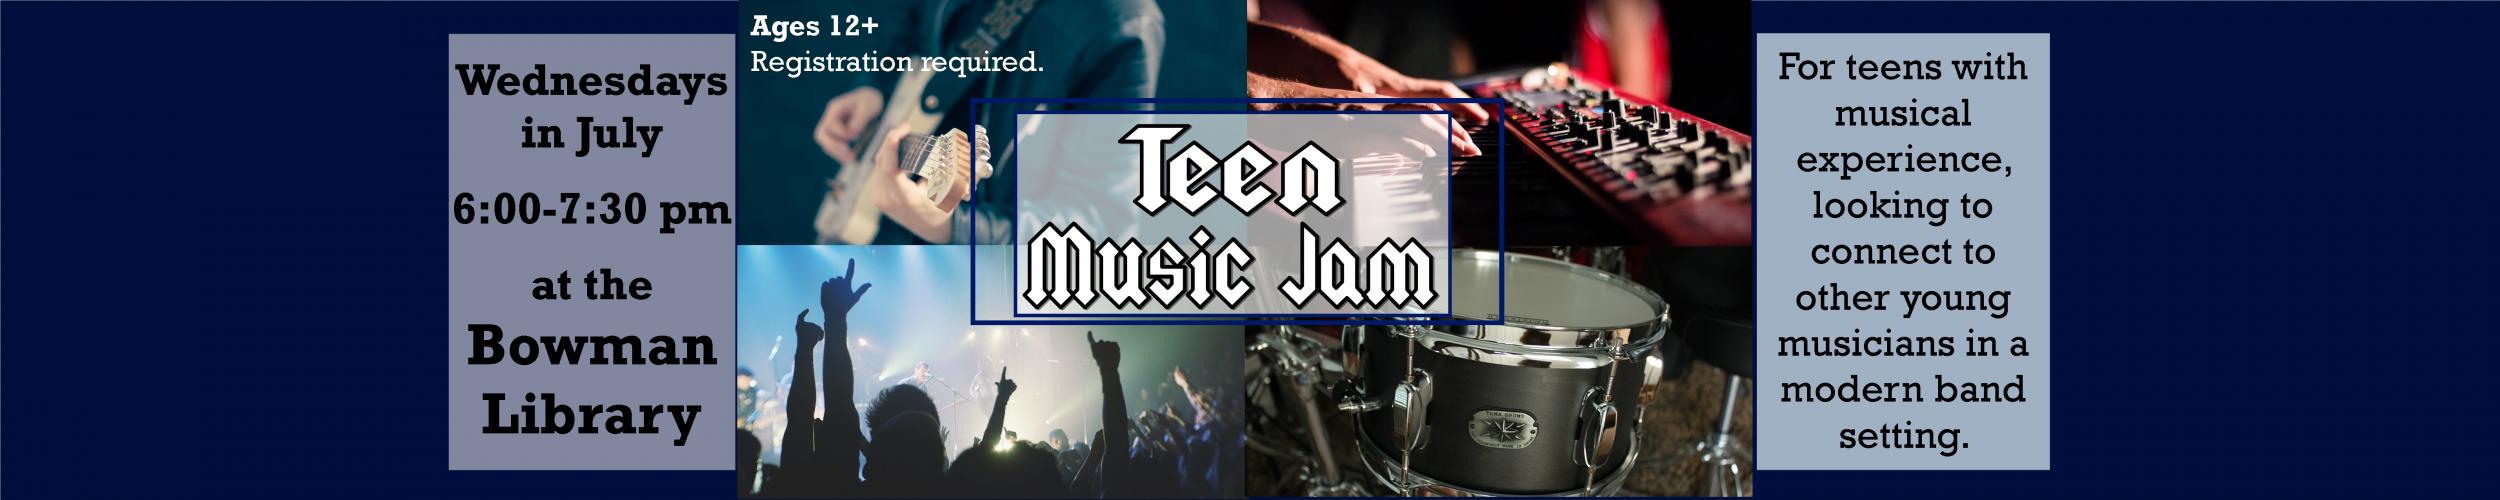 Teen Music Jam